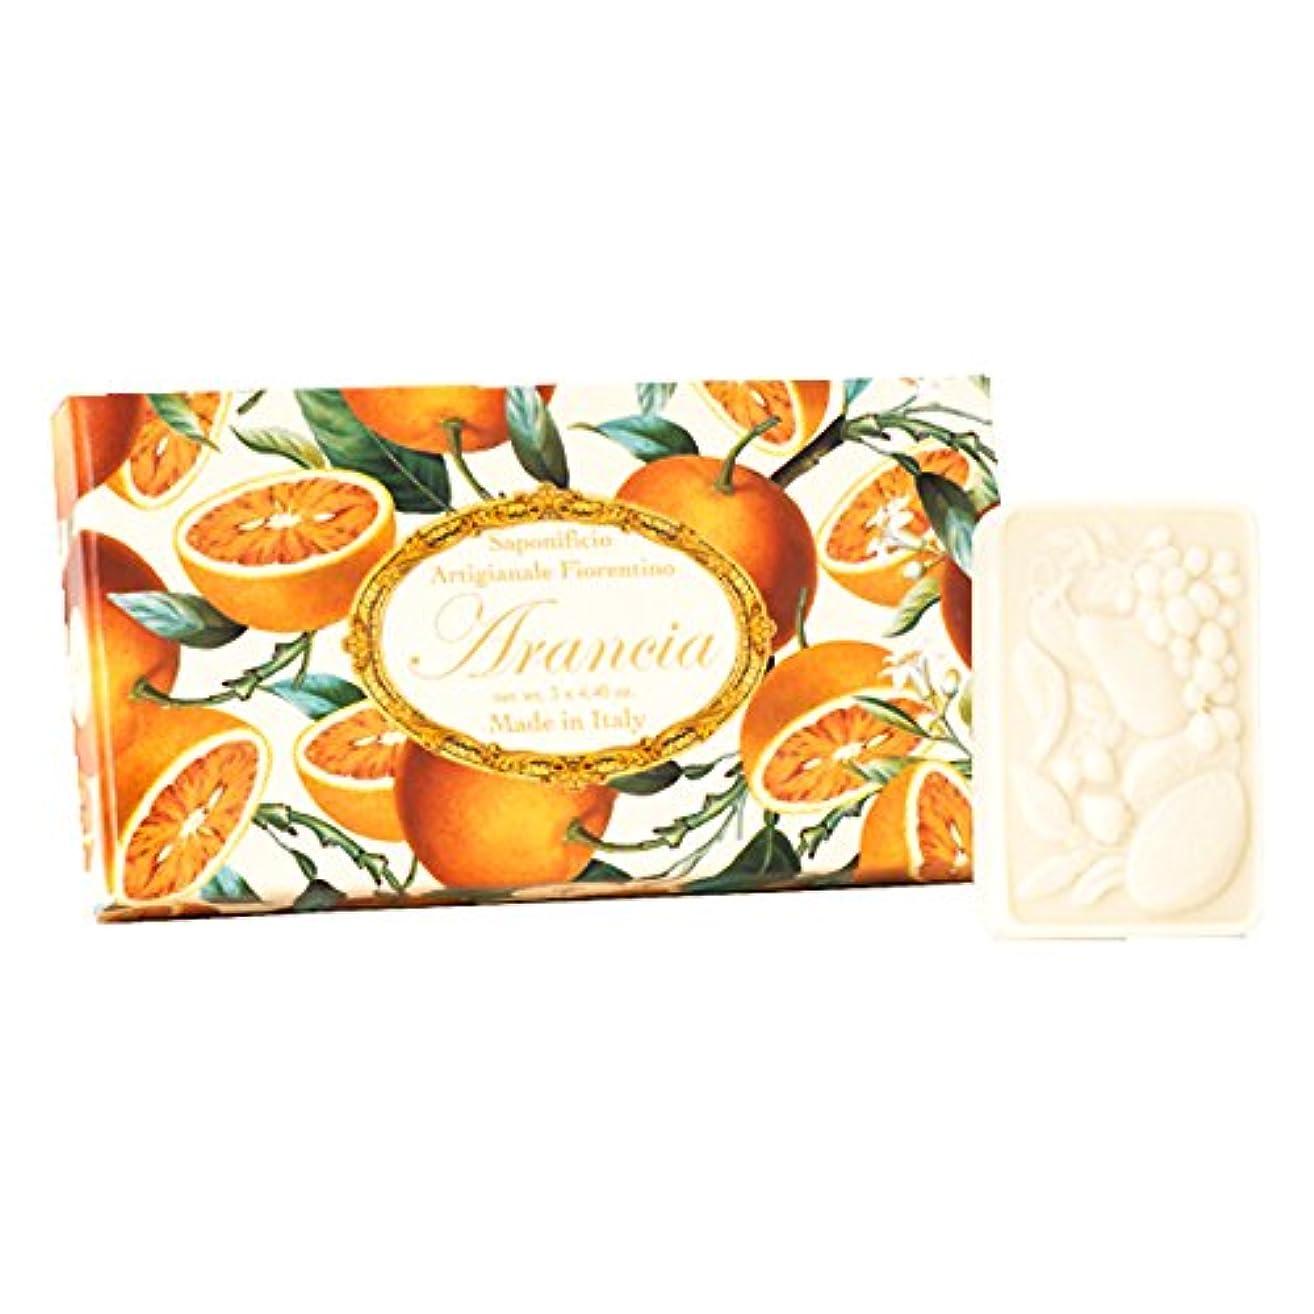 ストレッチクローン裏切り者フィレンツェの 長い歴史から生まれたこだわり石鹸 オレンジ【刻印125g×3個セット】